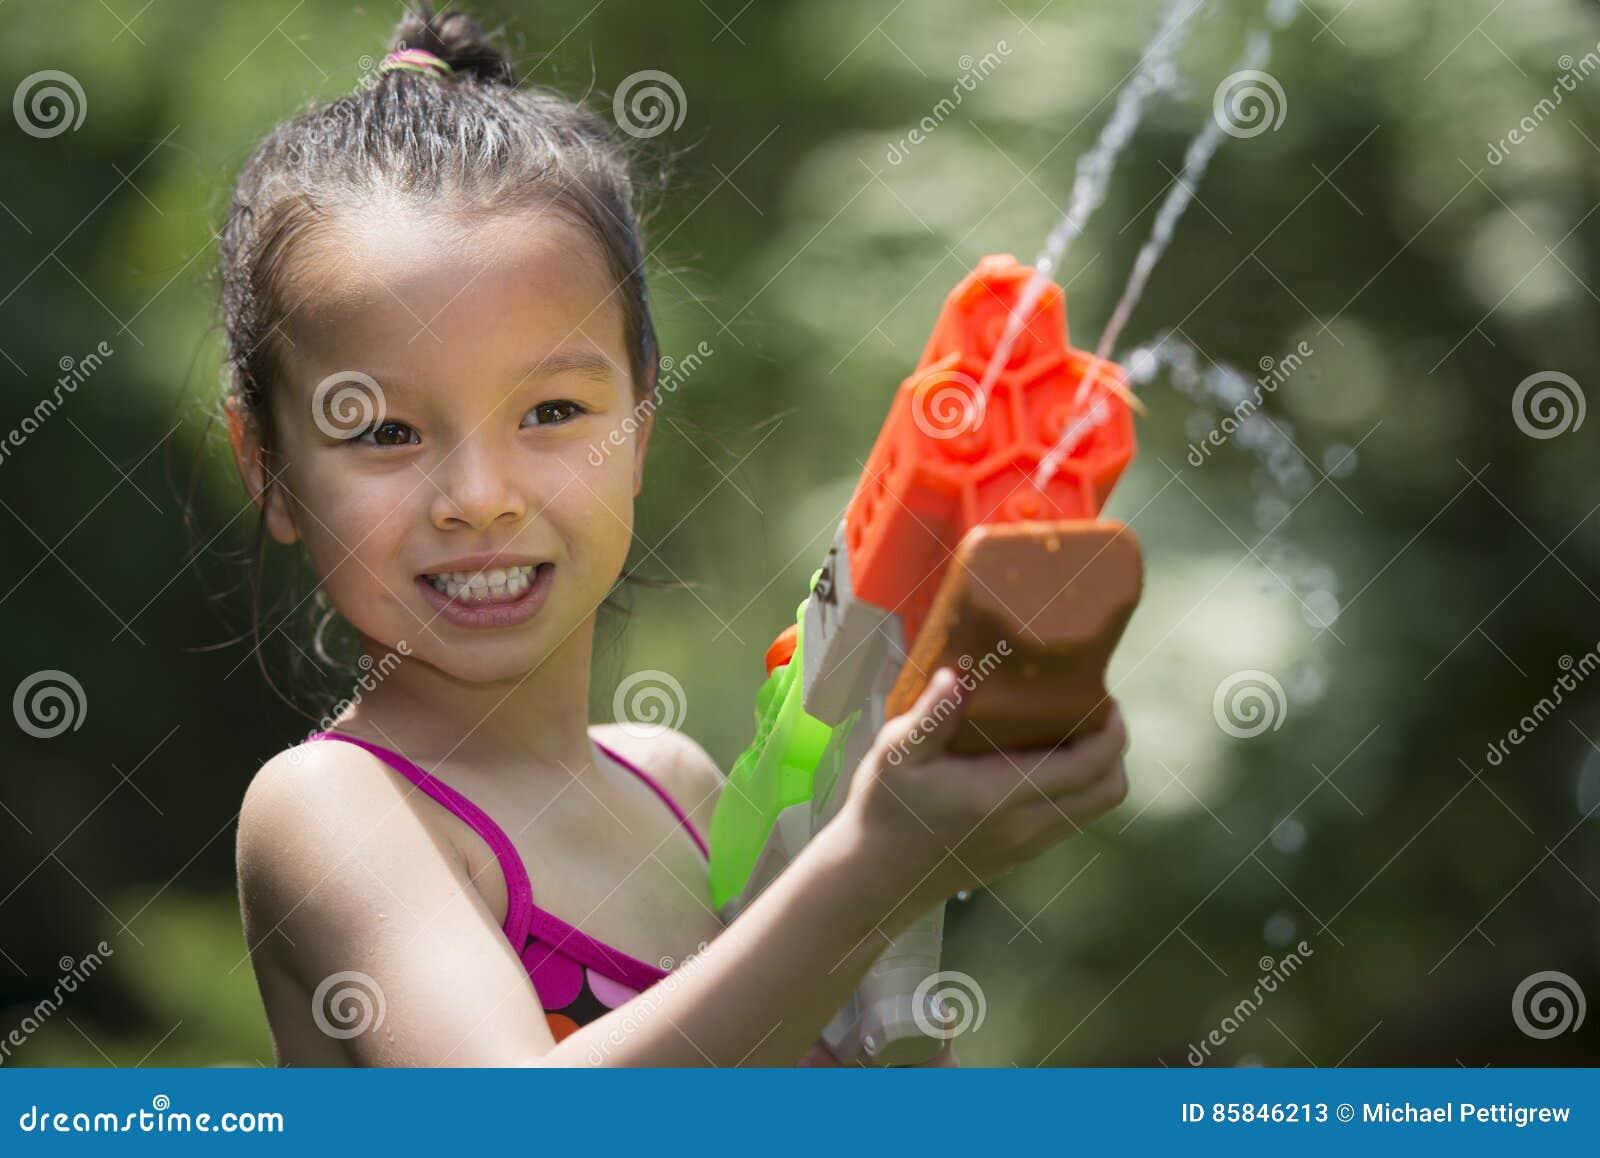 Ragazza di cinque anni che gioca con il giocattolo di getto